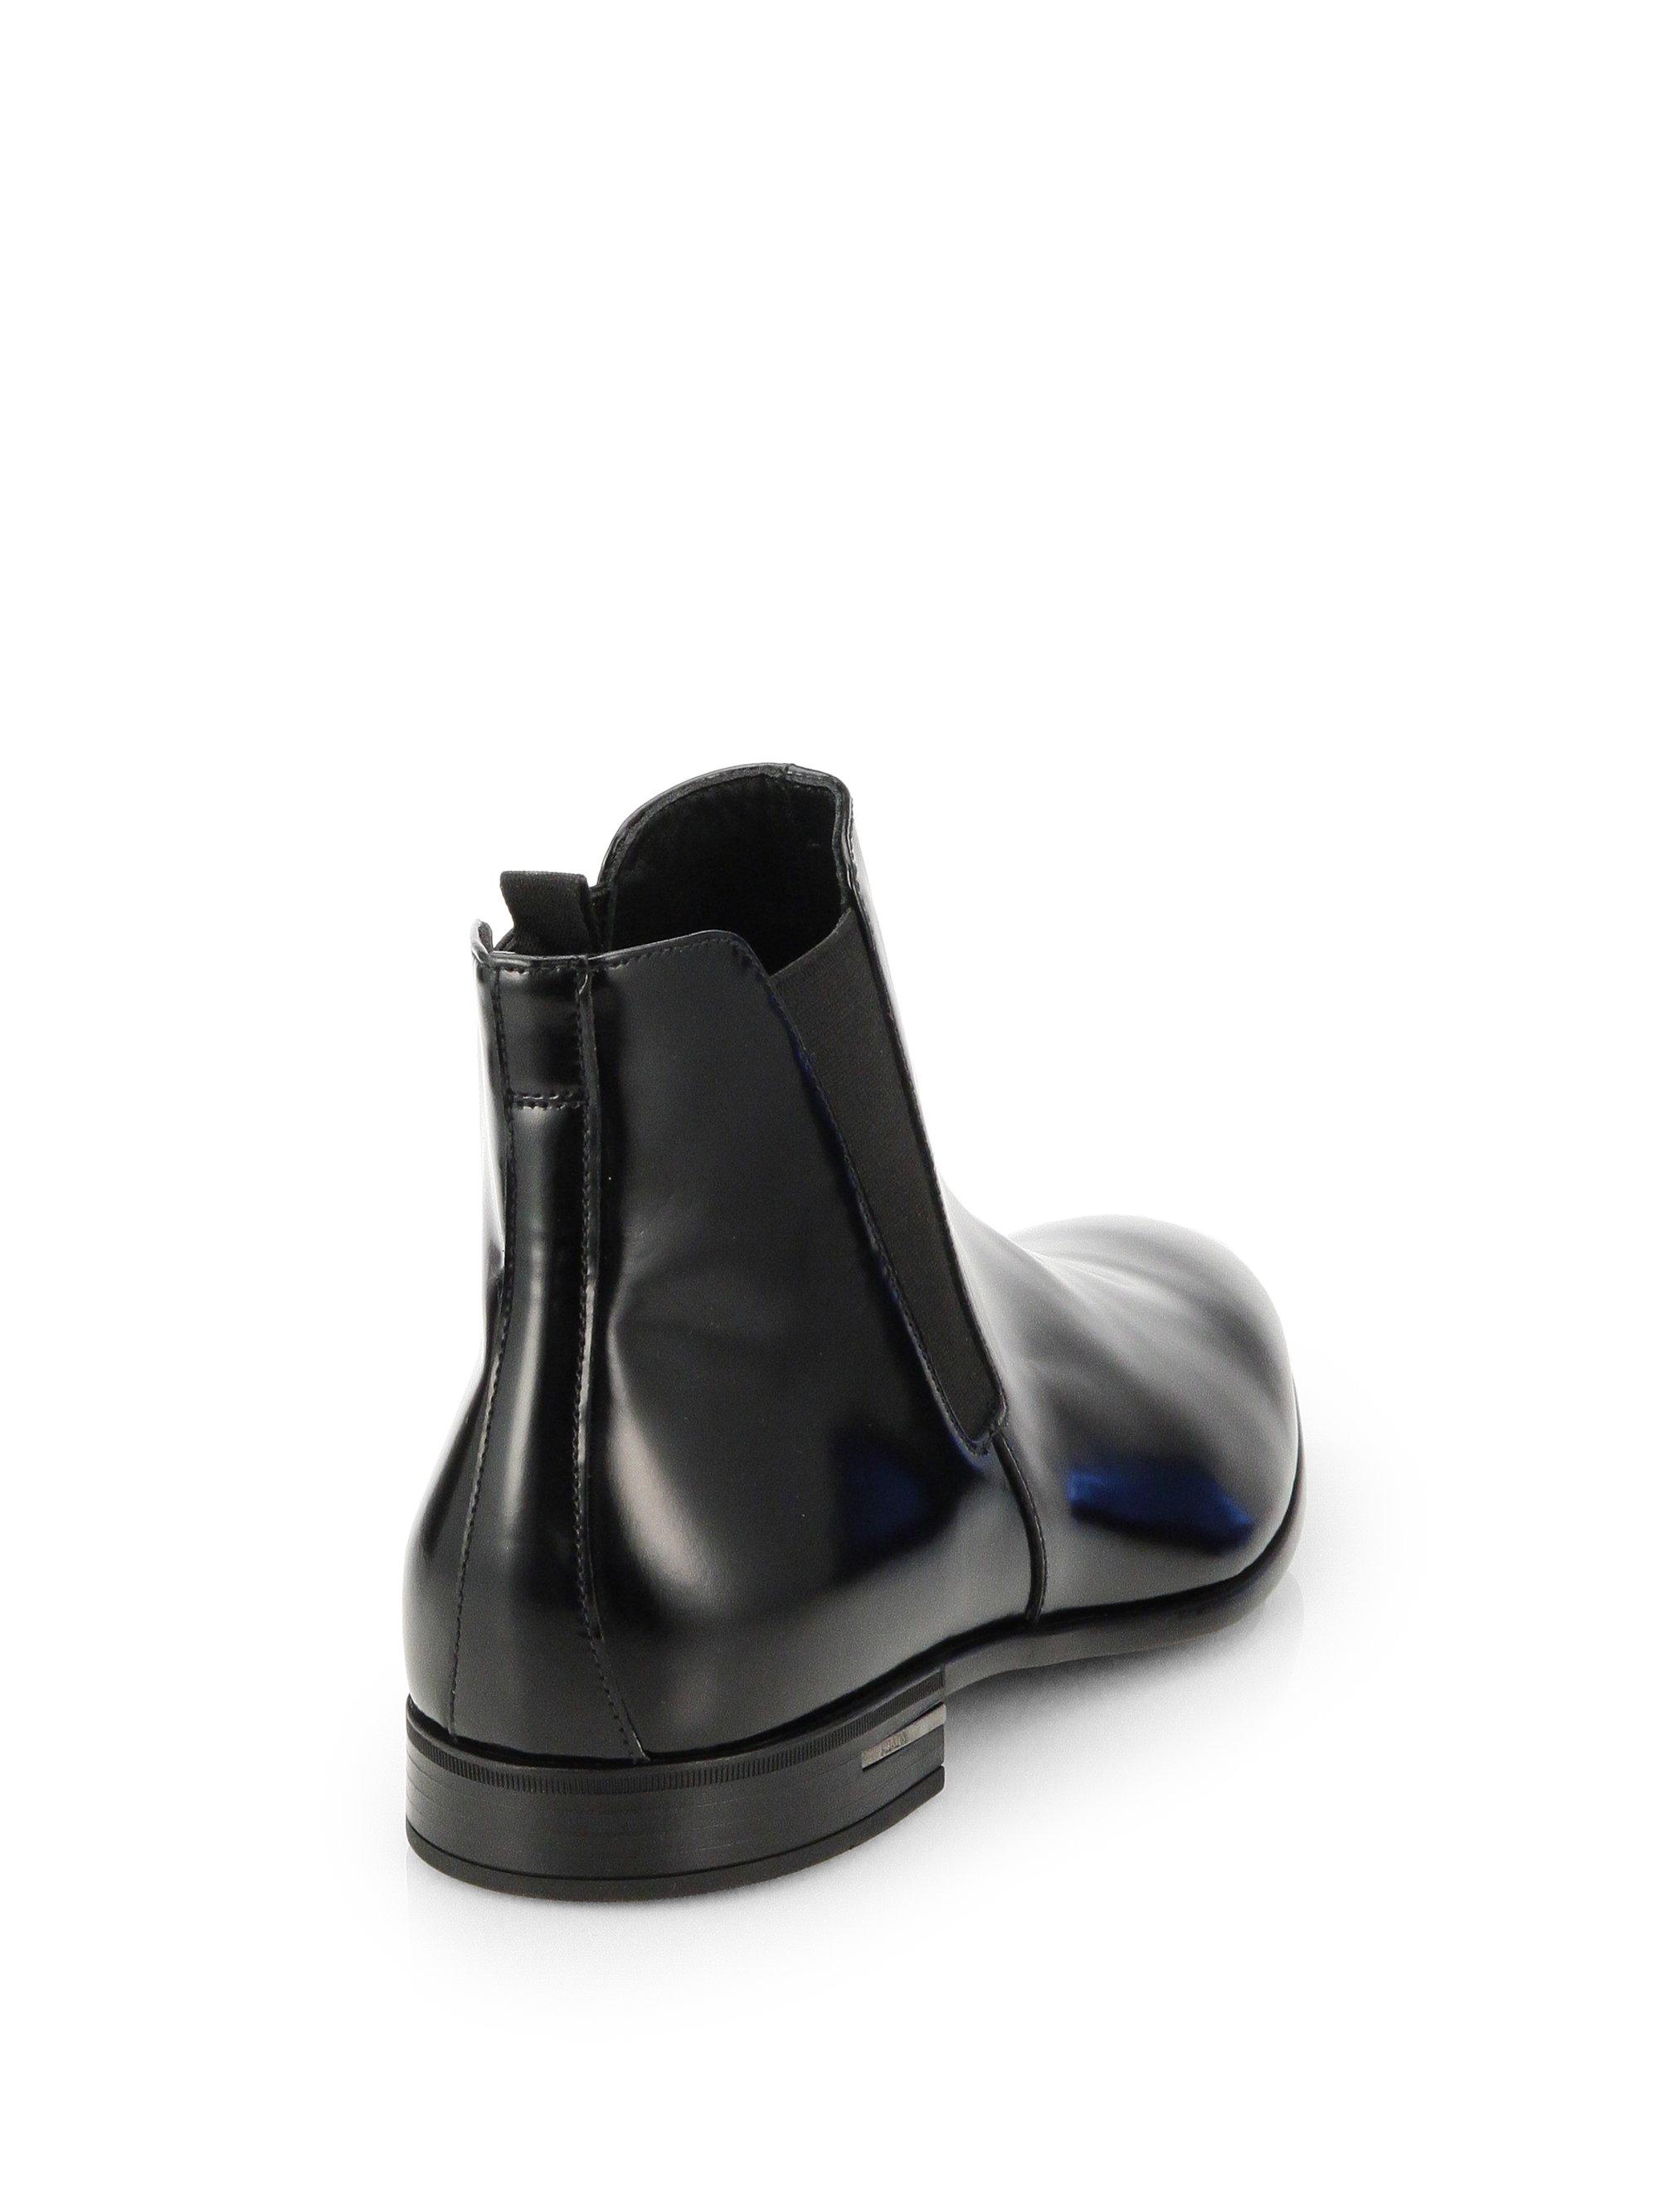 Cheap Mens Prada High Ankle Shoes